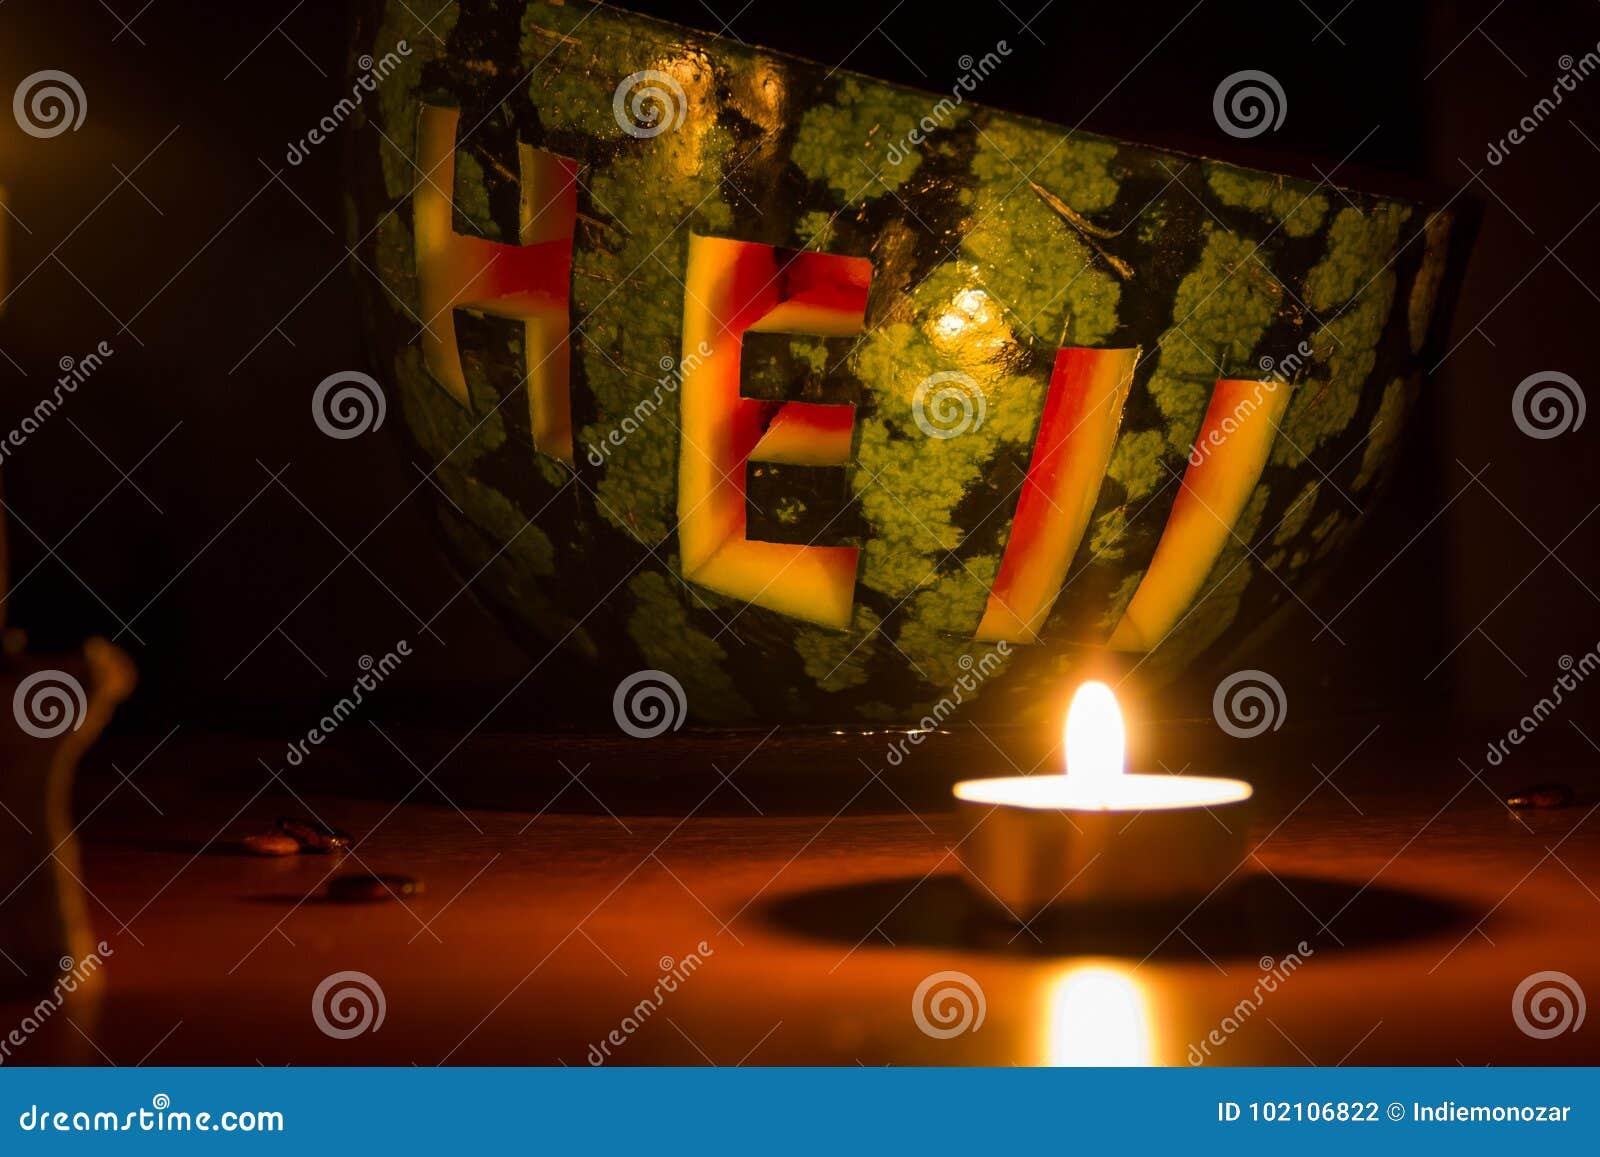 Redacte el infierno tallado en una sandía, velas ardientes y libros viejos en fondo oscuro